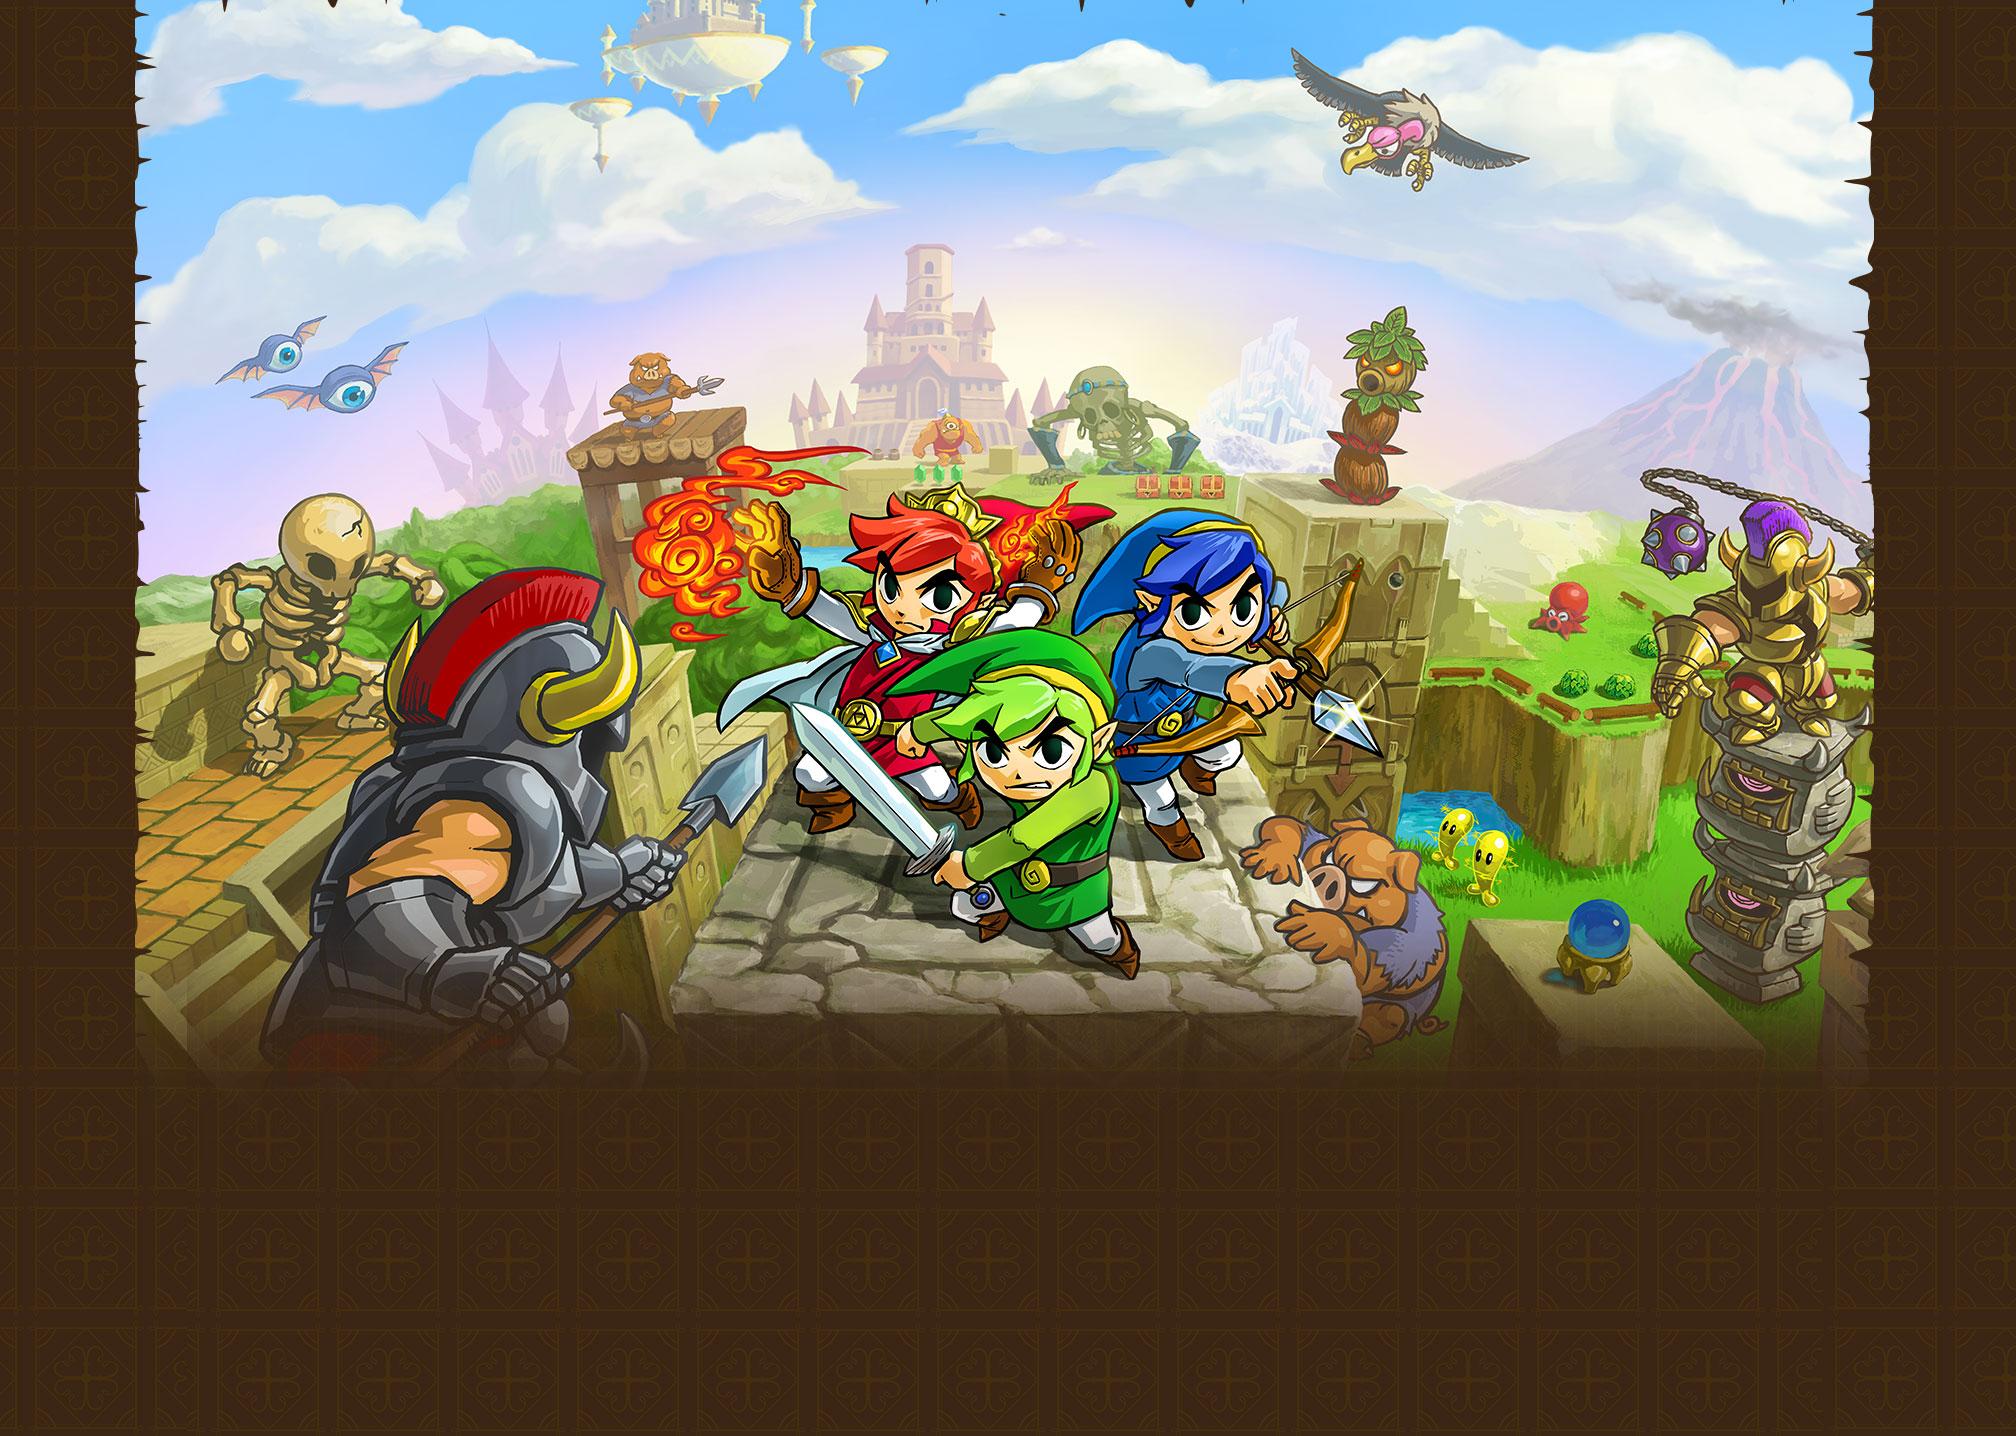 zelda triforce heroes nintendo 3ds